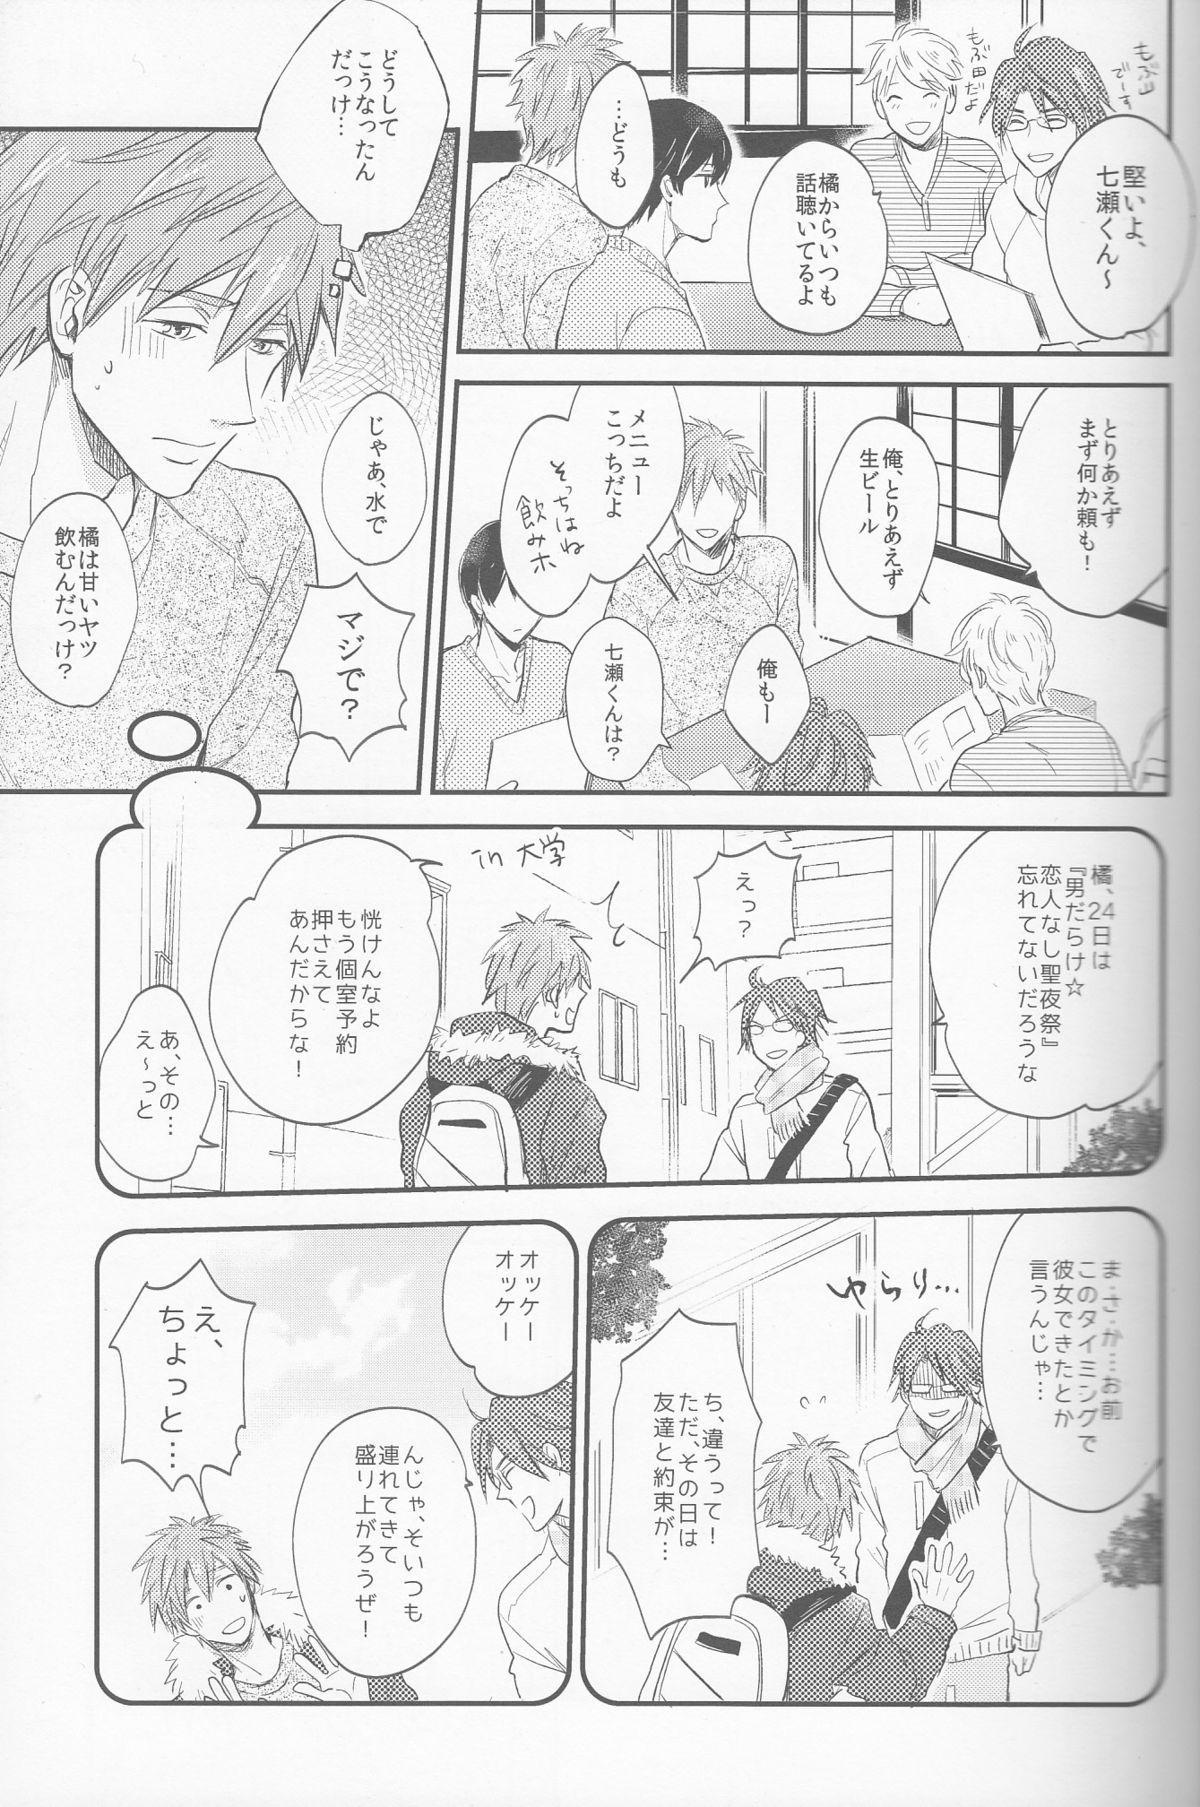 Seinaru Yoru wa Futari de 4